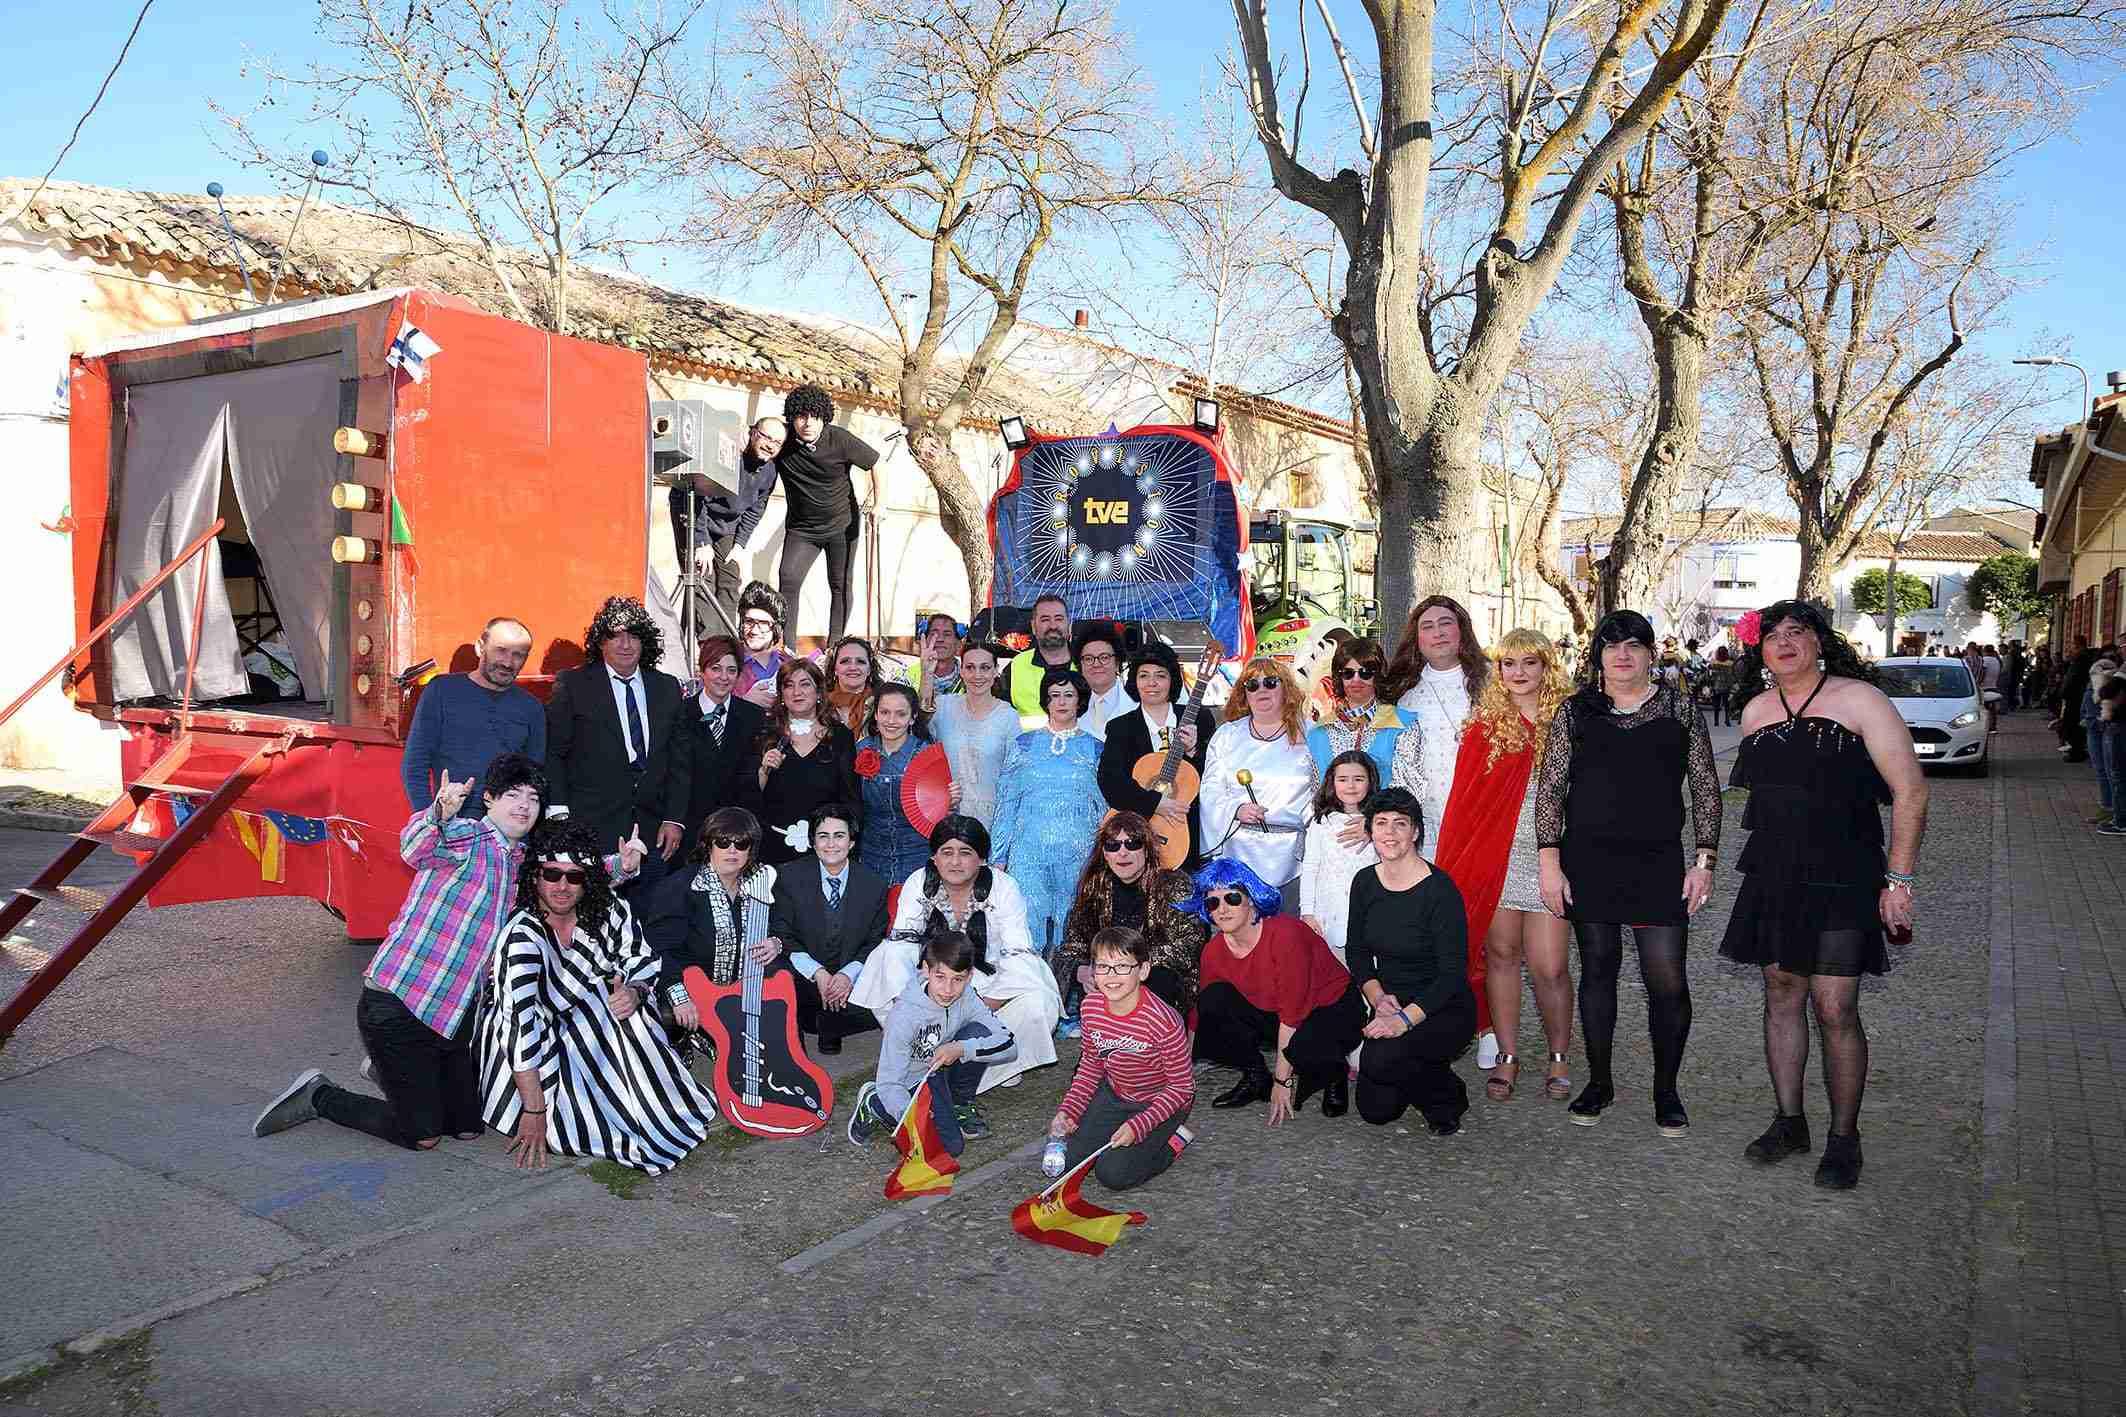 Ritmo, color y mucha originalidad en el Desfile de Comparsas 2020 de Argamasilla de Alba 31